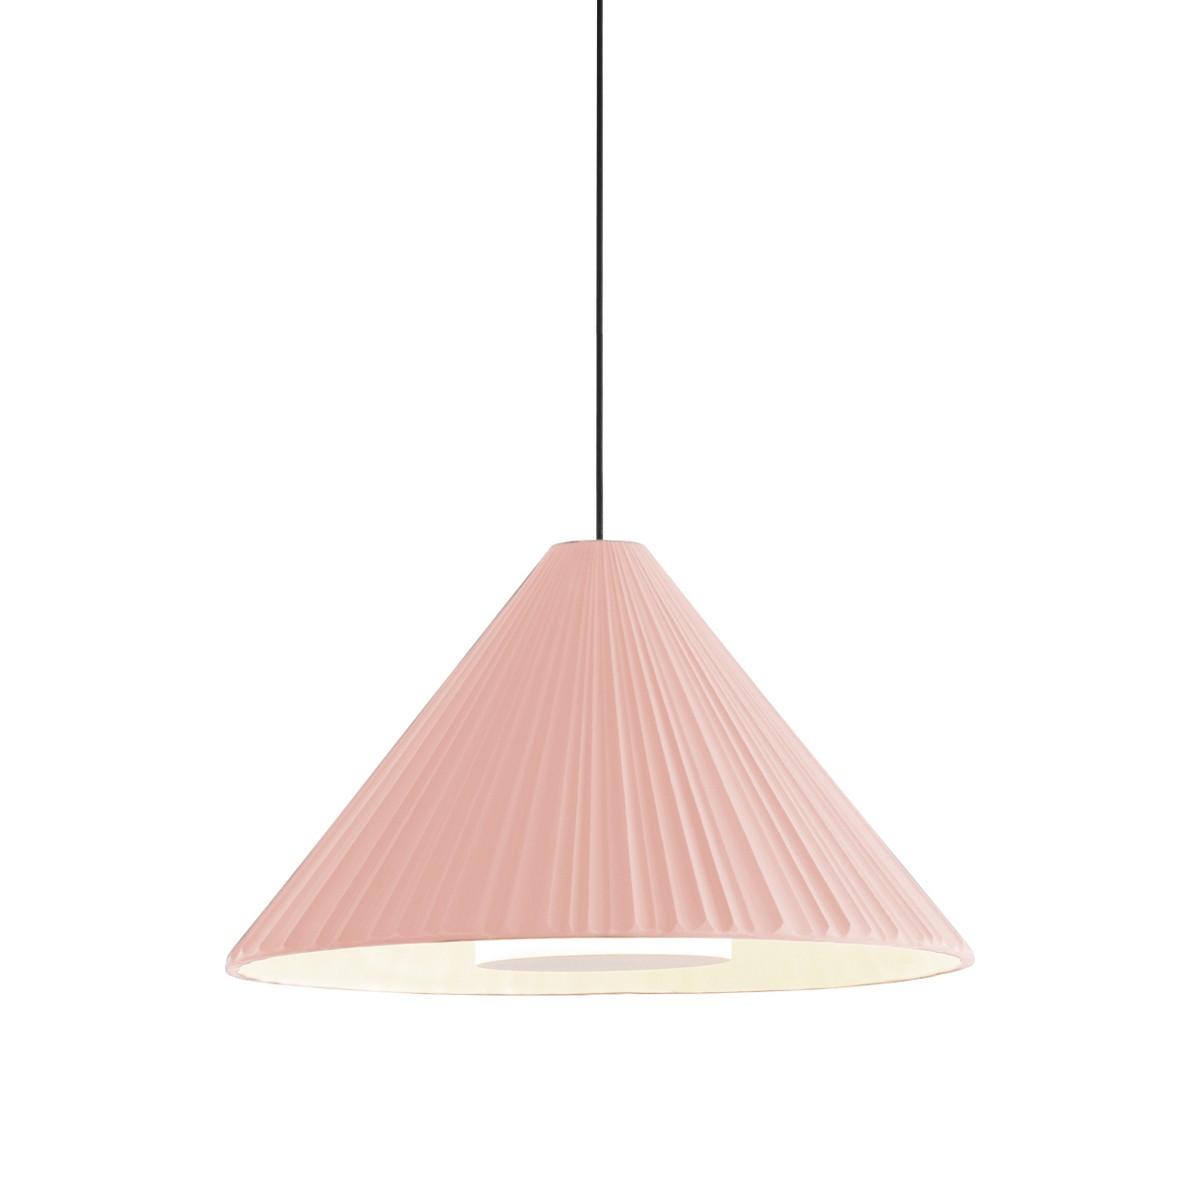 Pu-Ehr Lámpara colgante 21 LED 4W Rosa -Oro